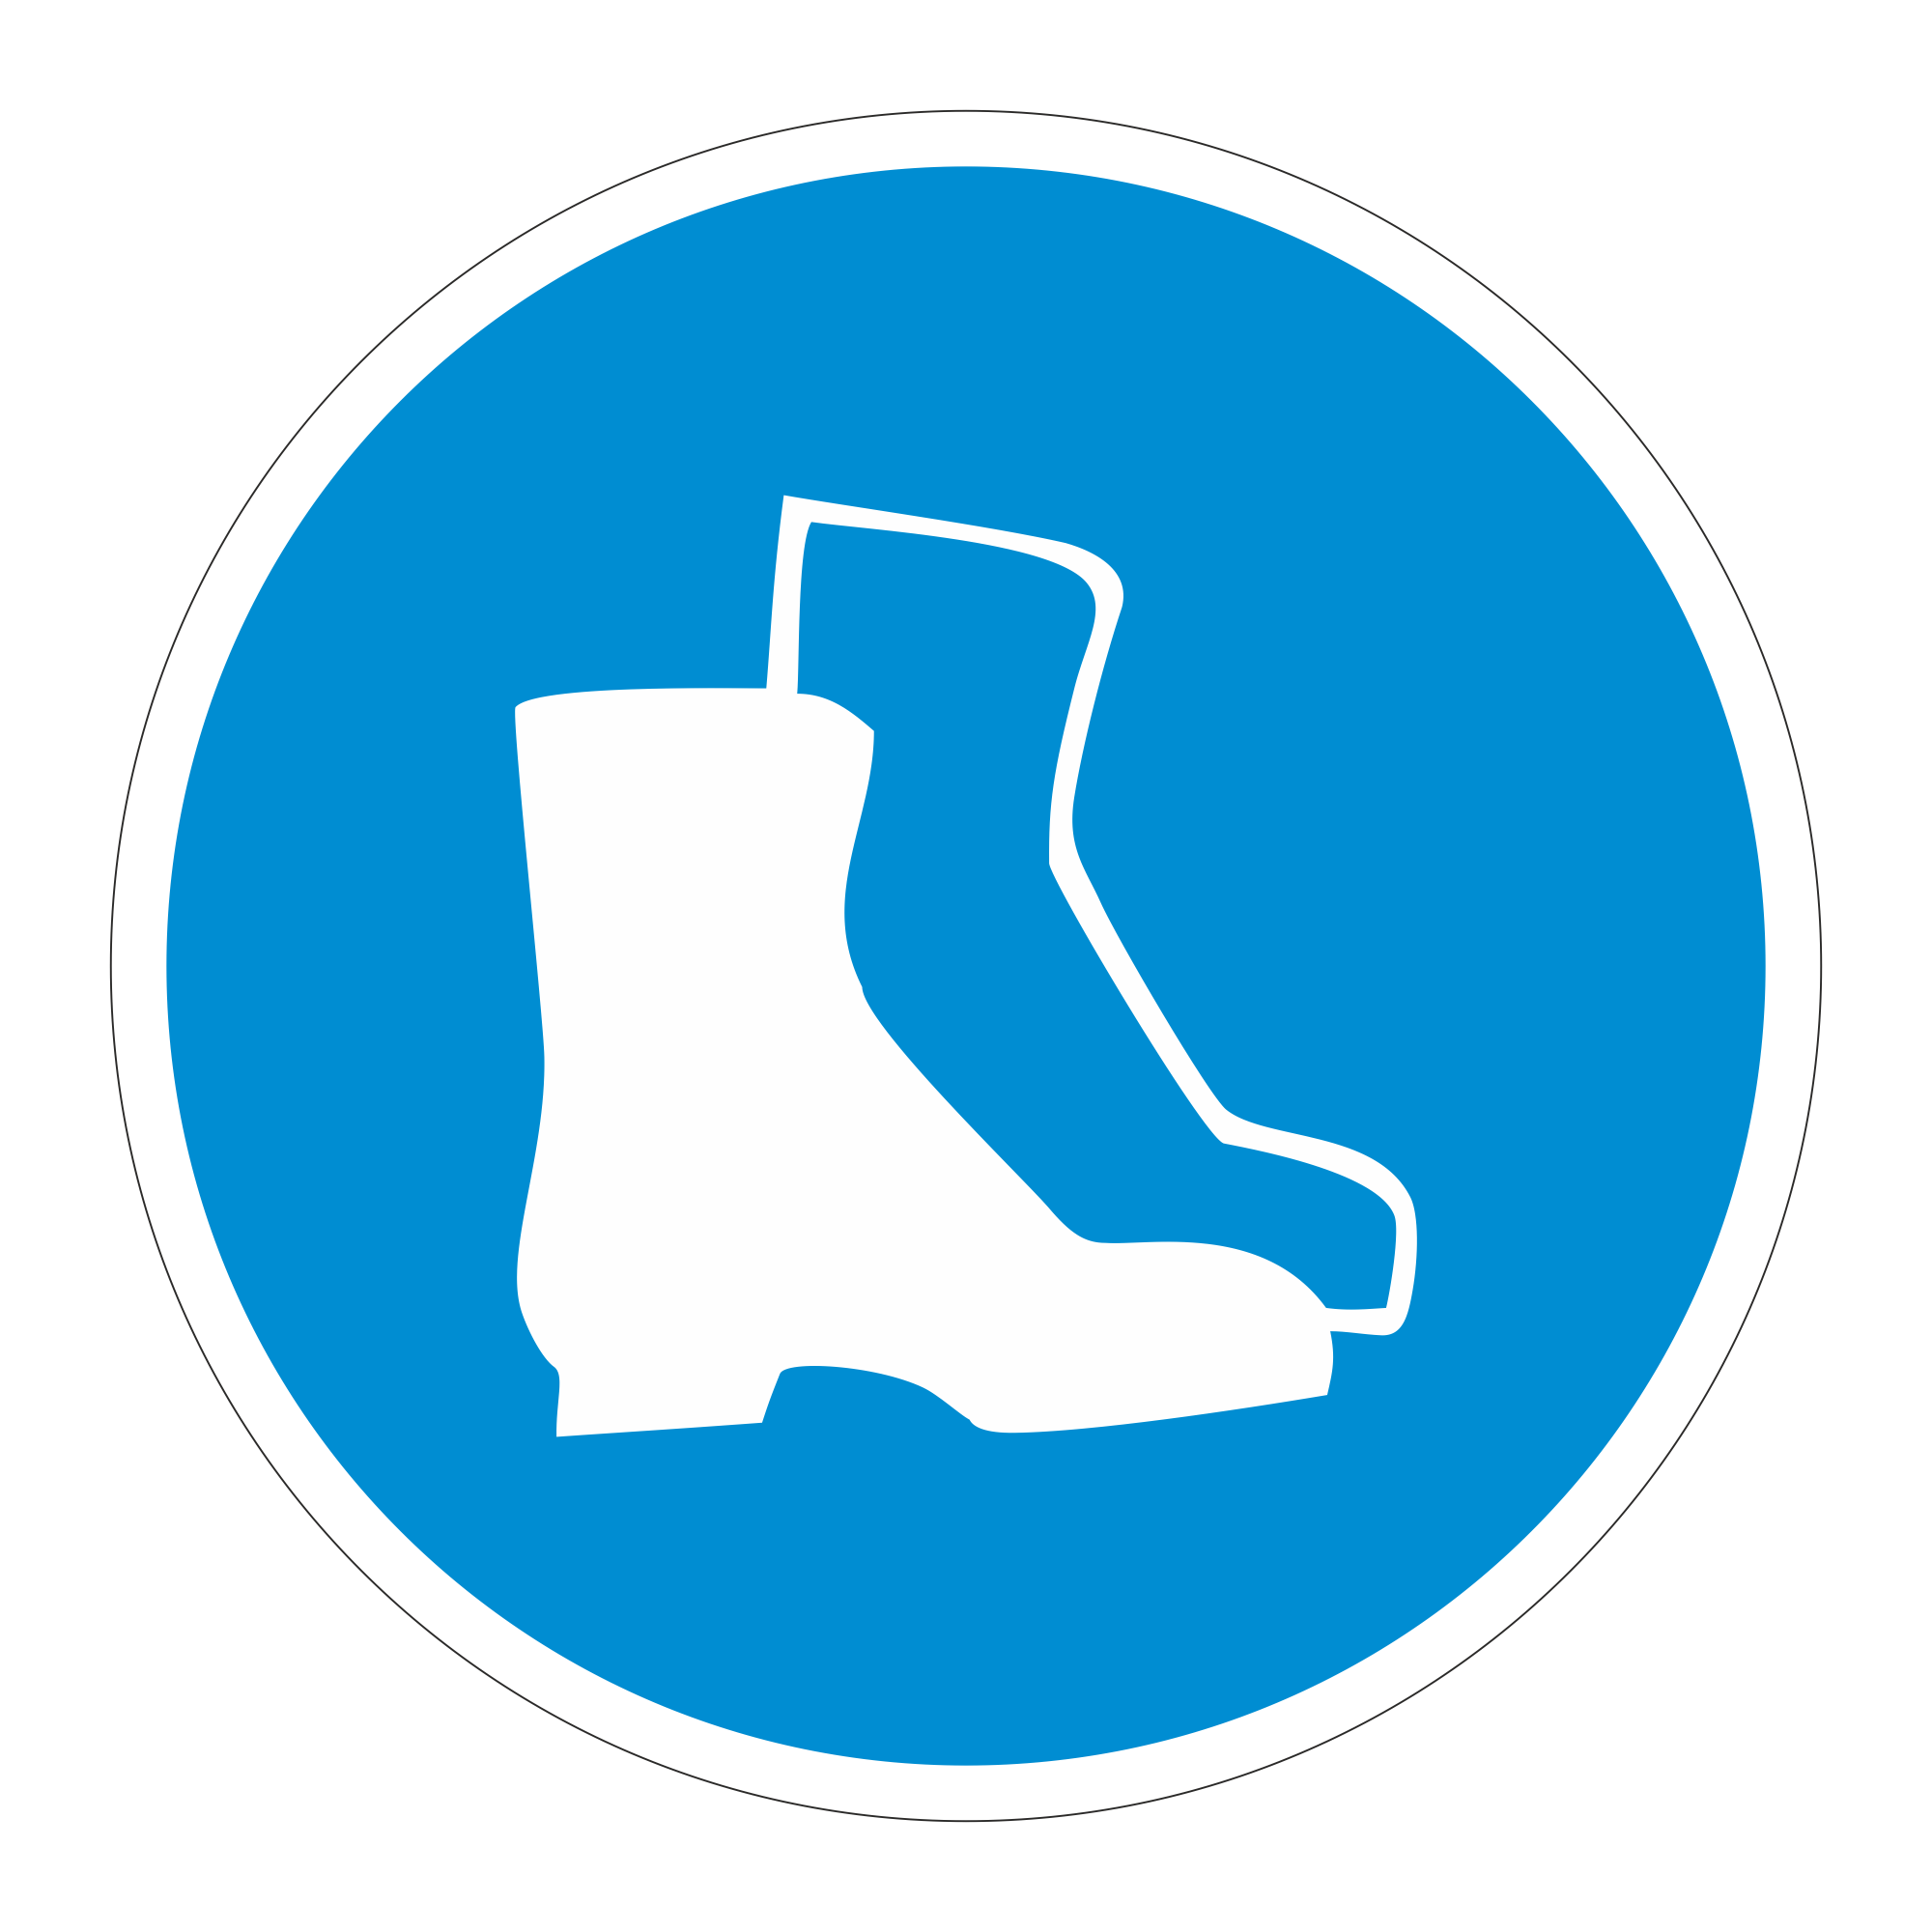 М05 Работать в защитной обуви